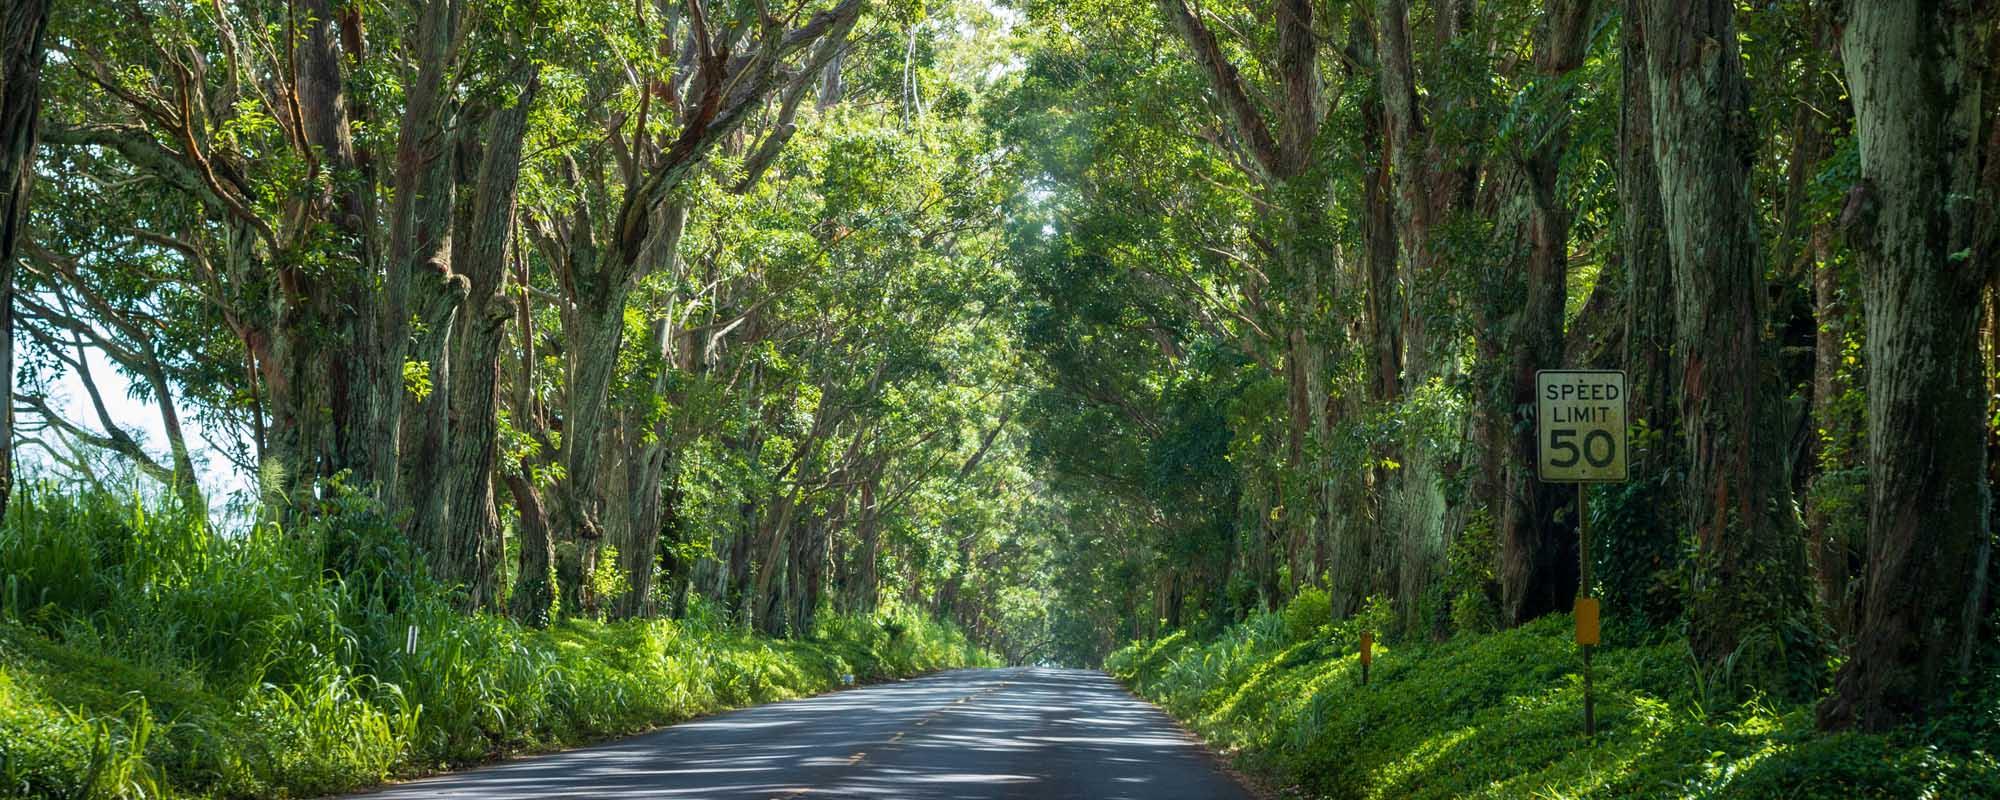 Hawaii Web Design Trees